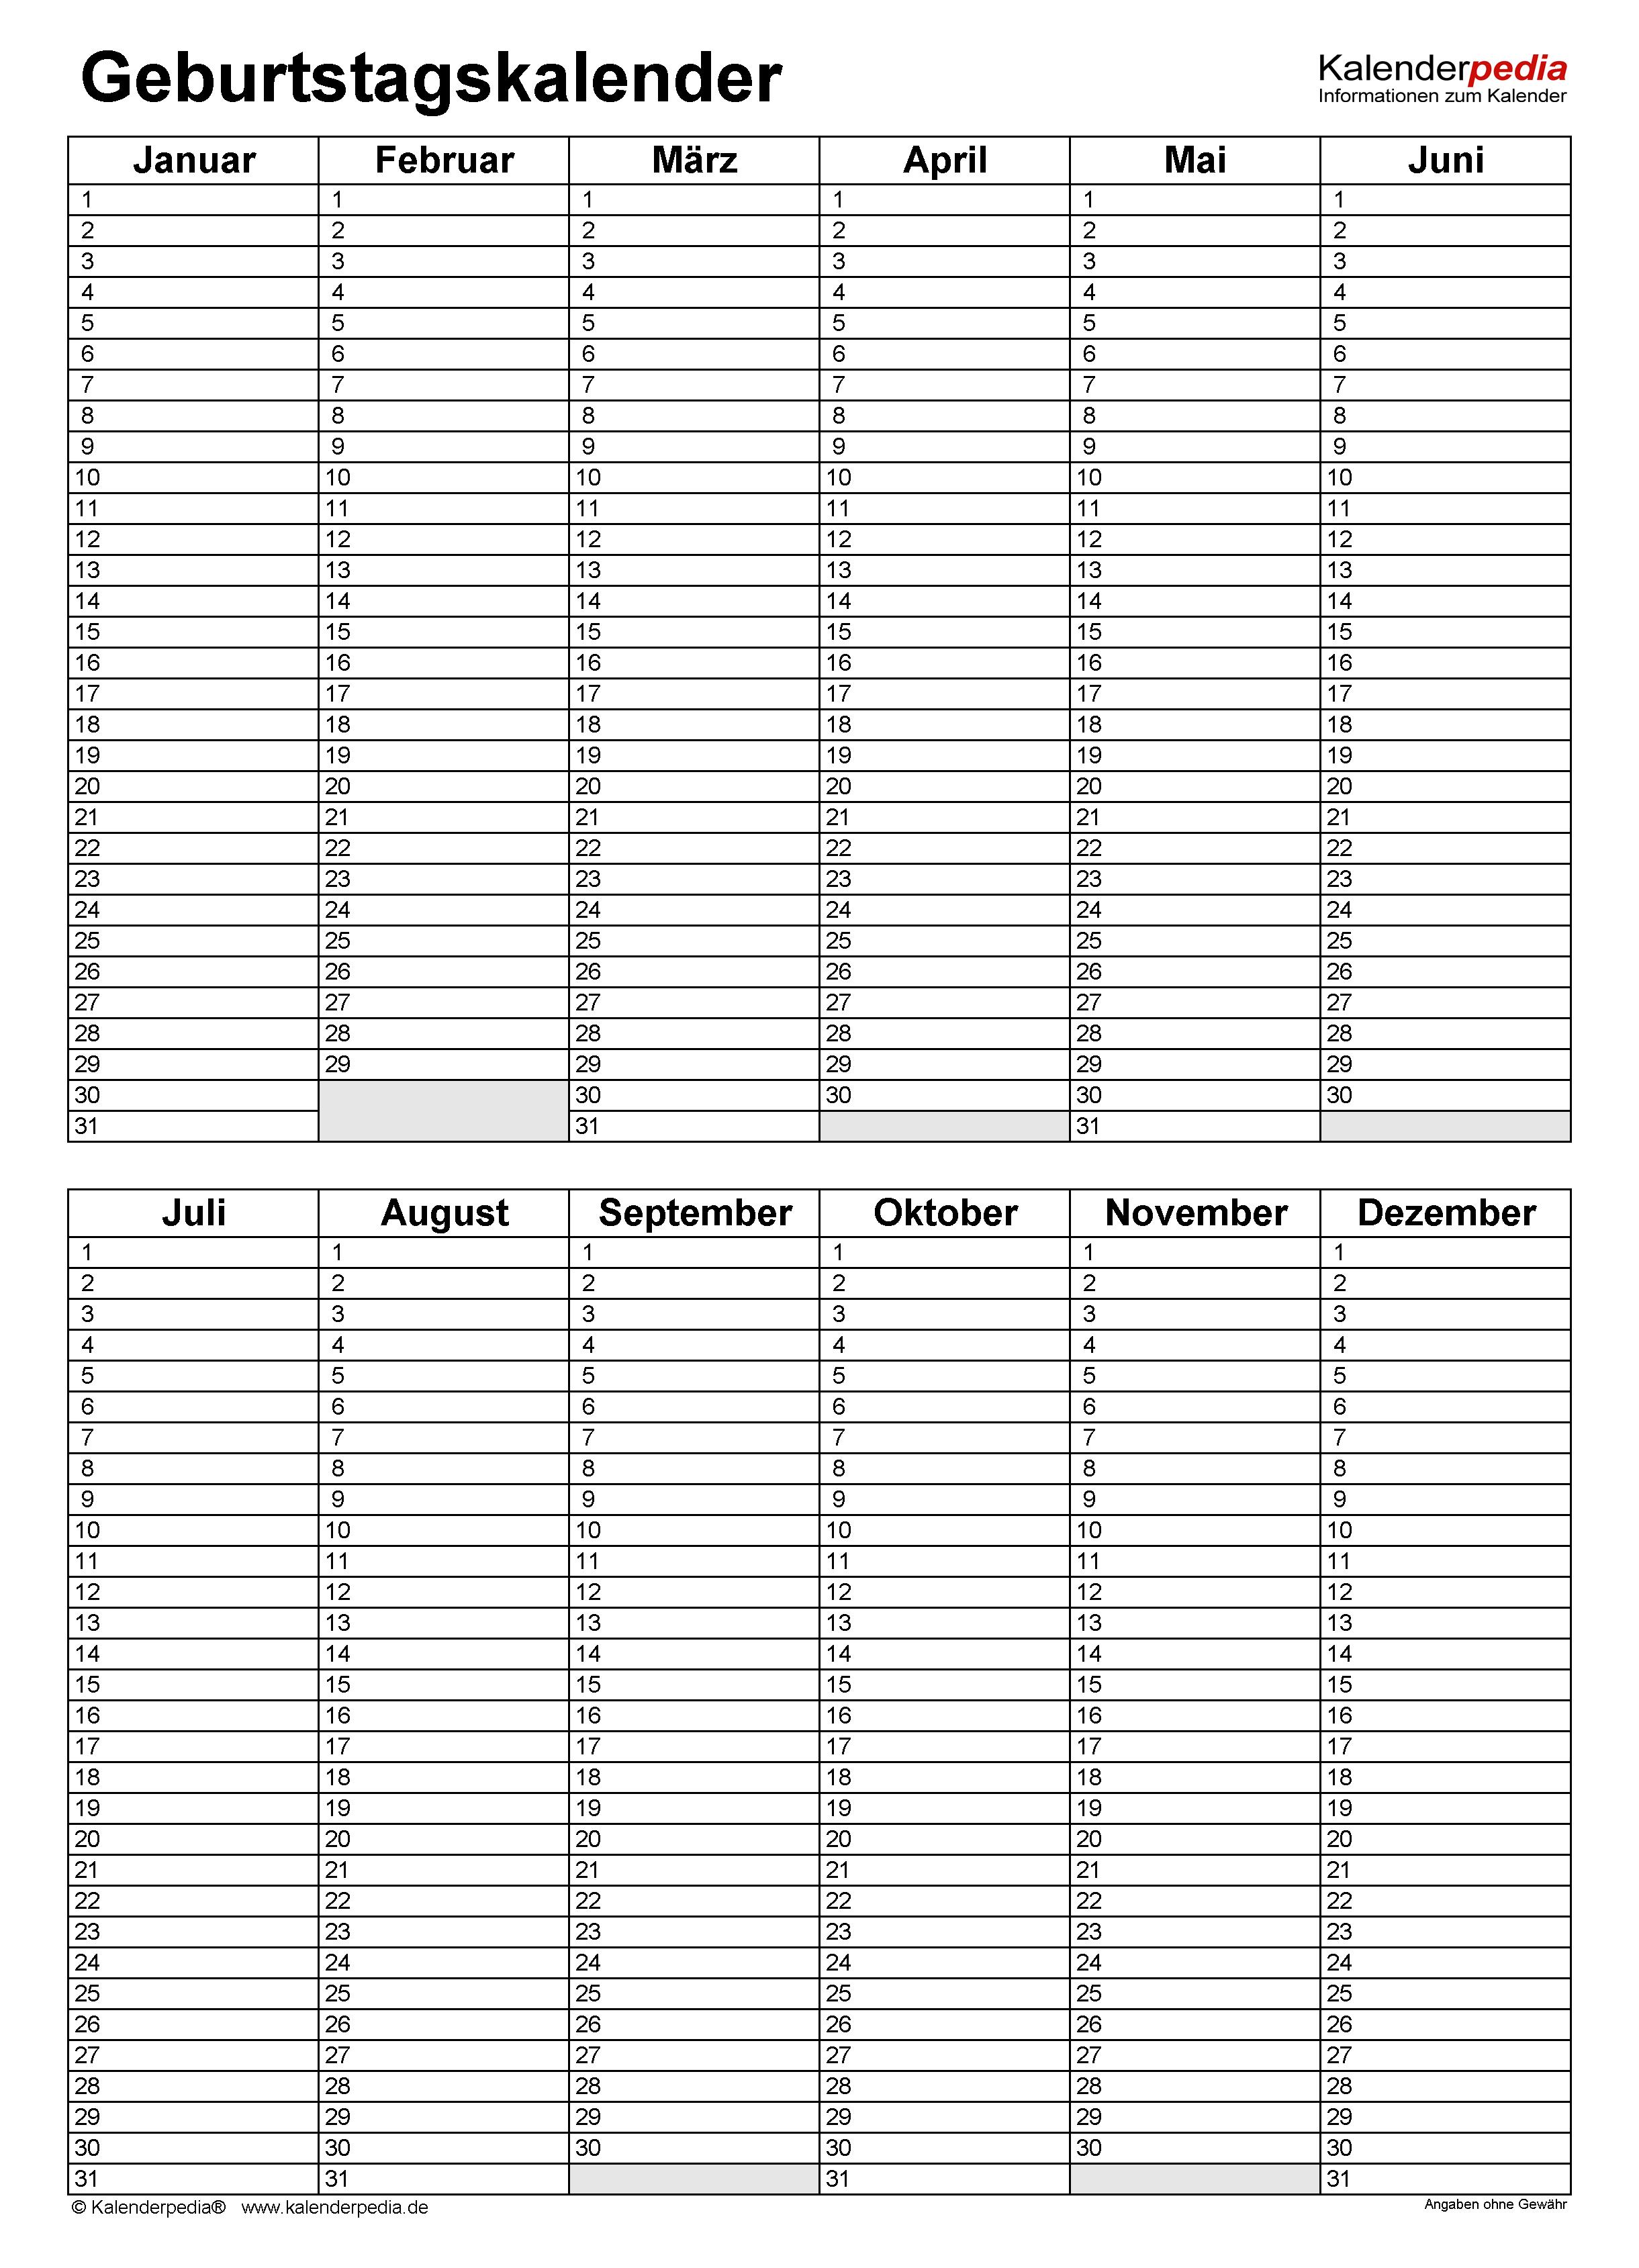 Geburtstagsliste geburtstagskalender in excel zum ausdrucken (10 varianten)